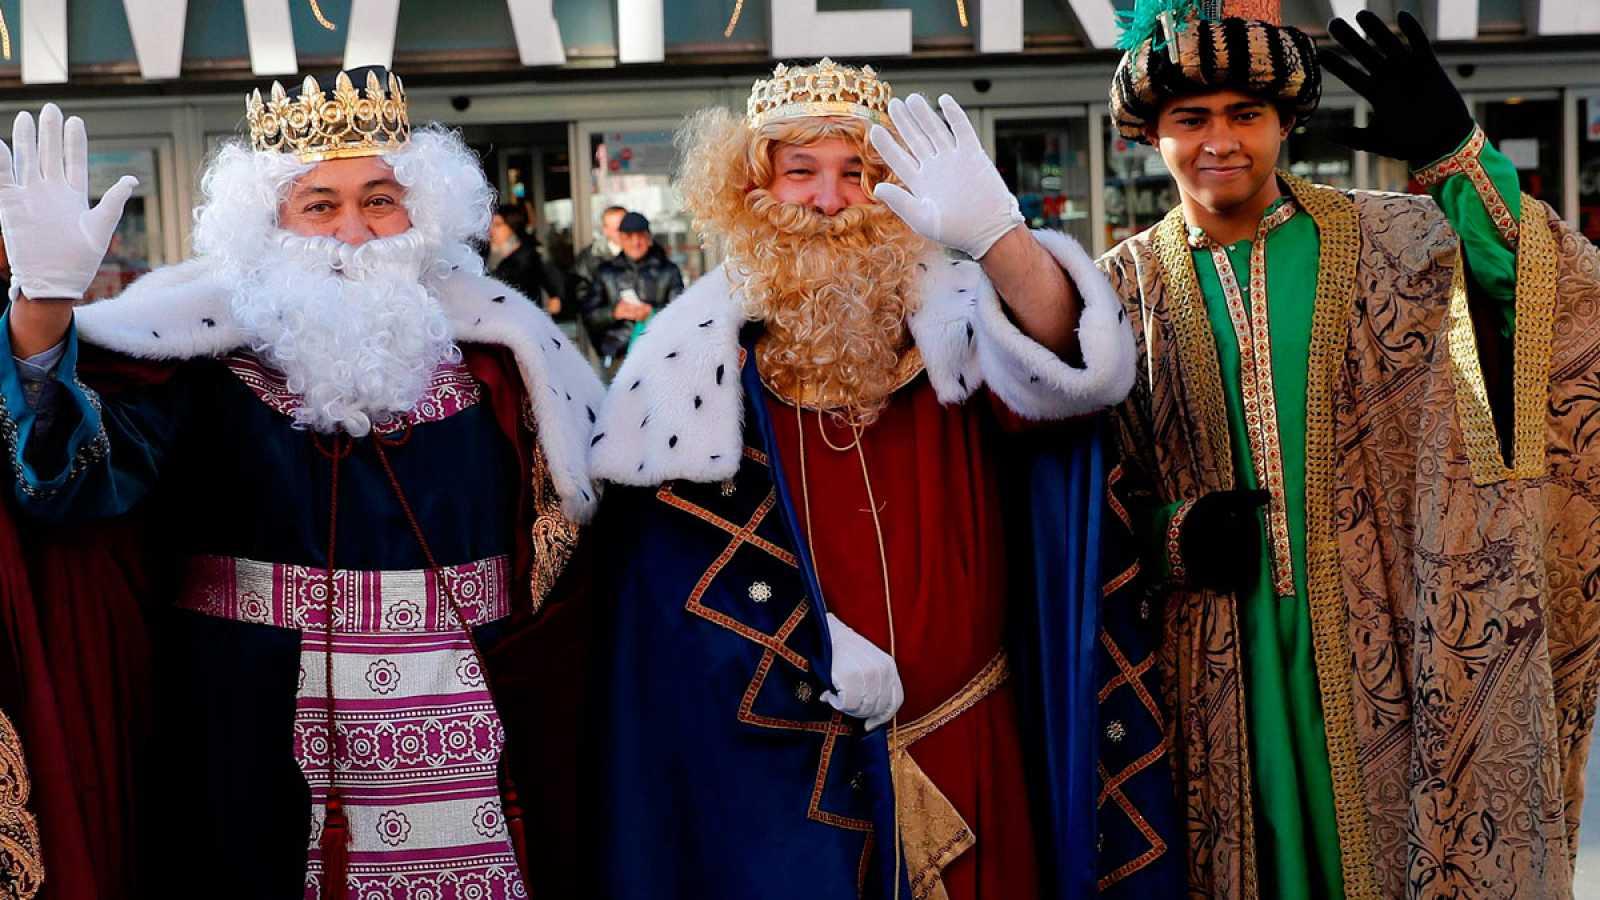 Los Reyes Magos han estado probando distintos medios de transporte